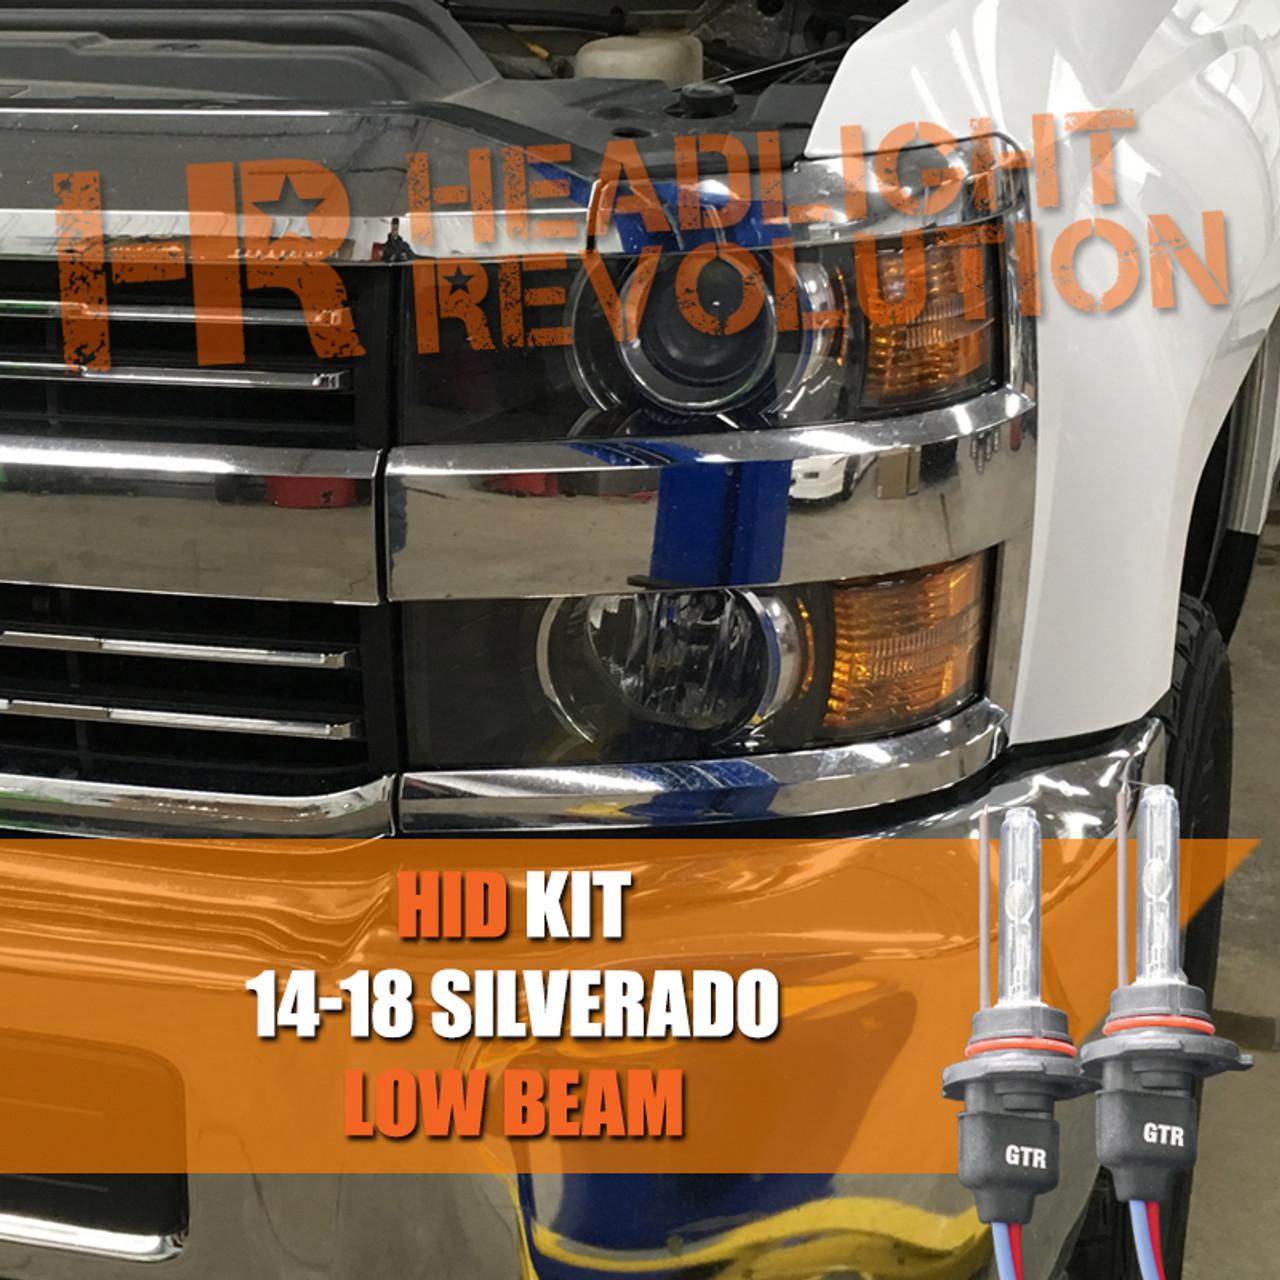 2014 - 2018 Chevrolet Silverado 2500HD 3500HD Low Beam HID Conversion A Wiring Diagram For Chevy Silverado Hid Headlights on